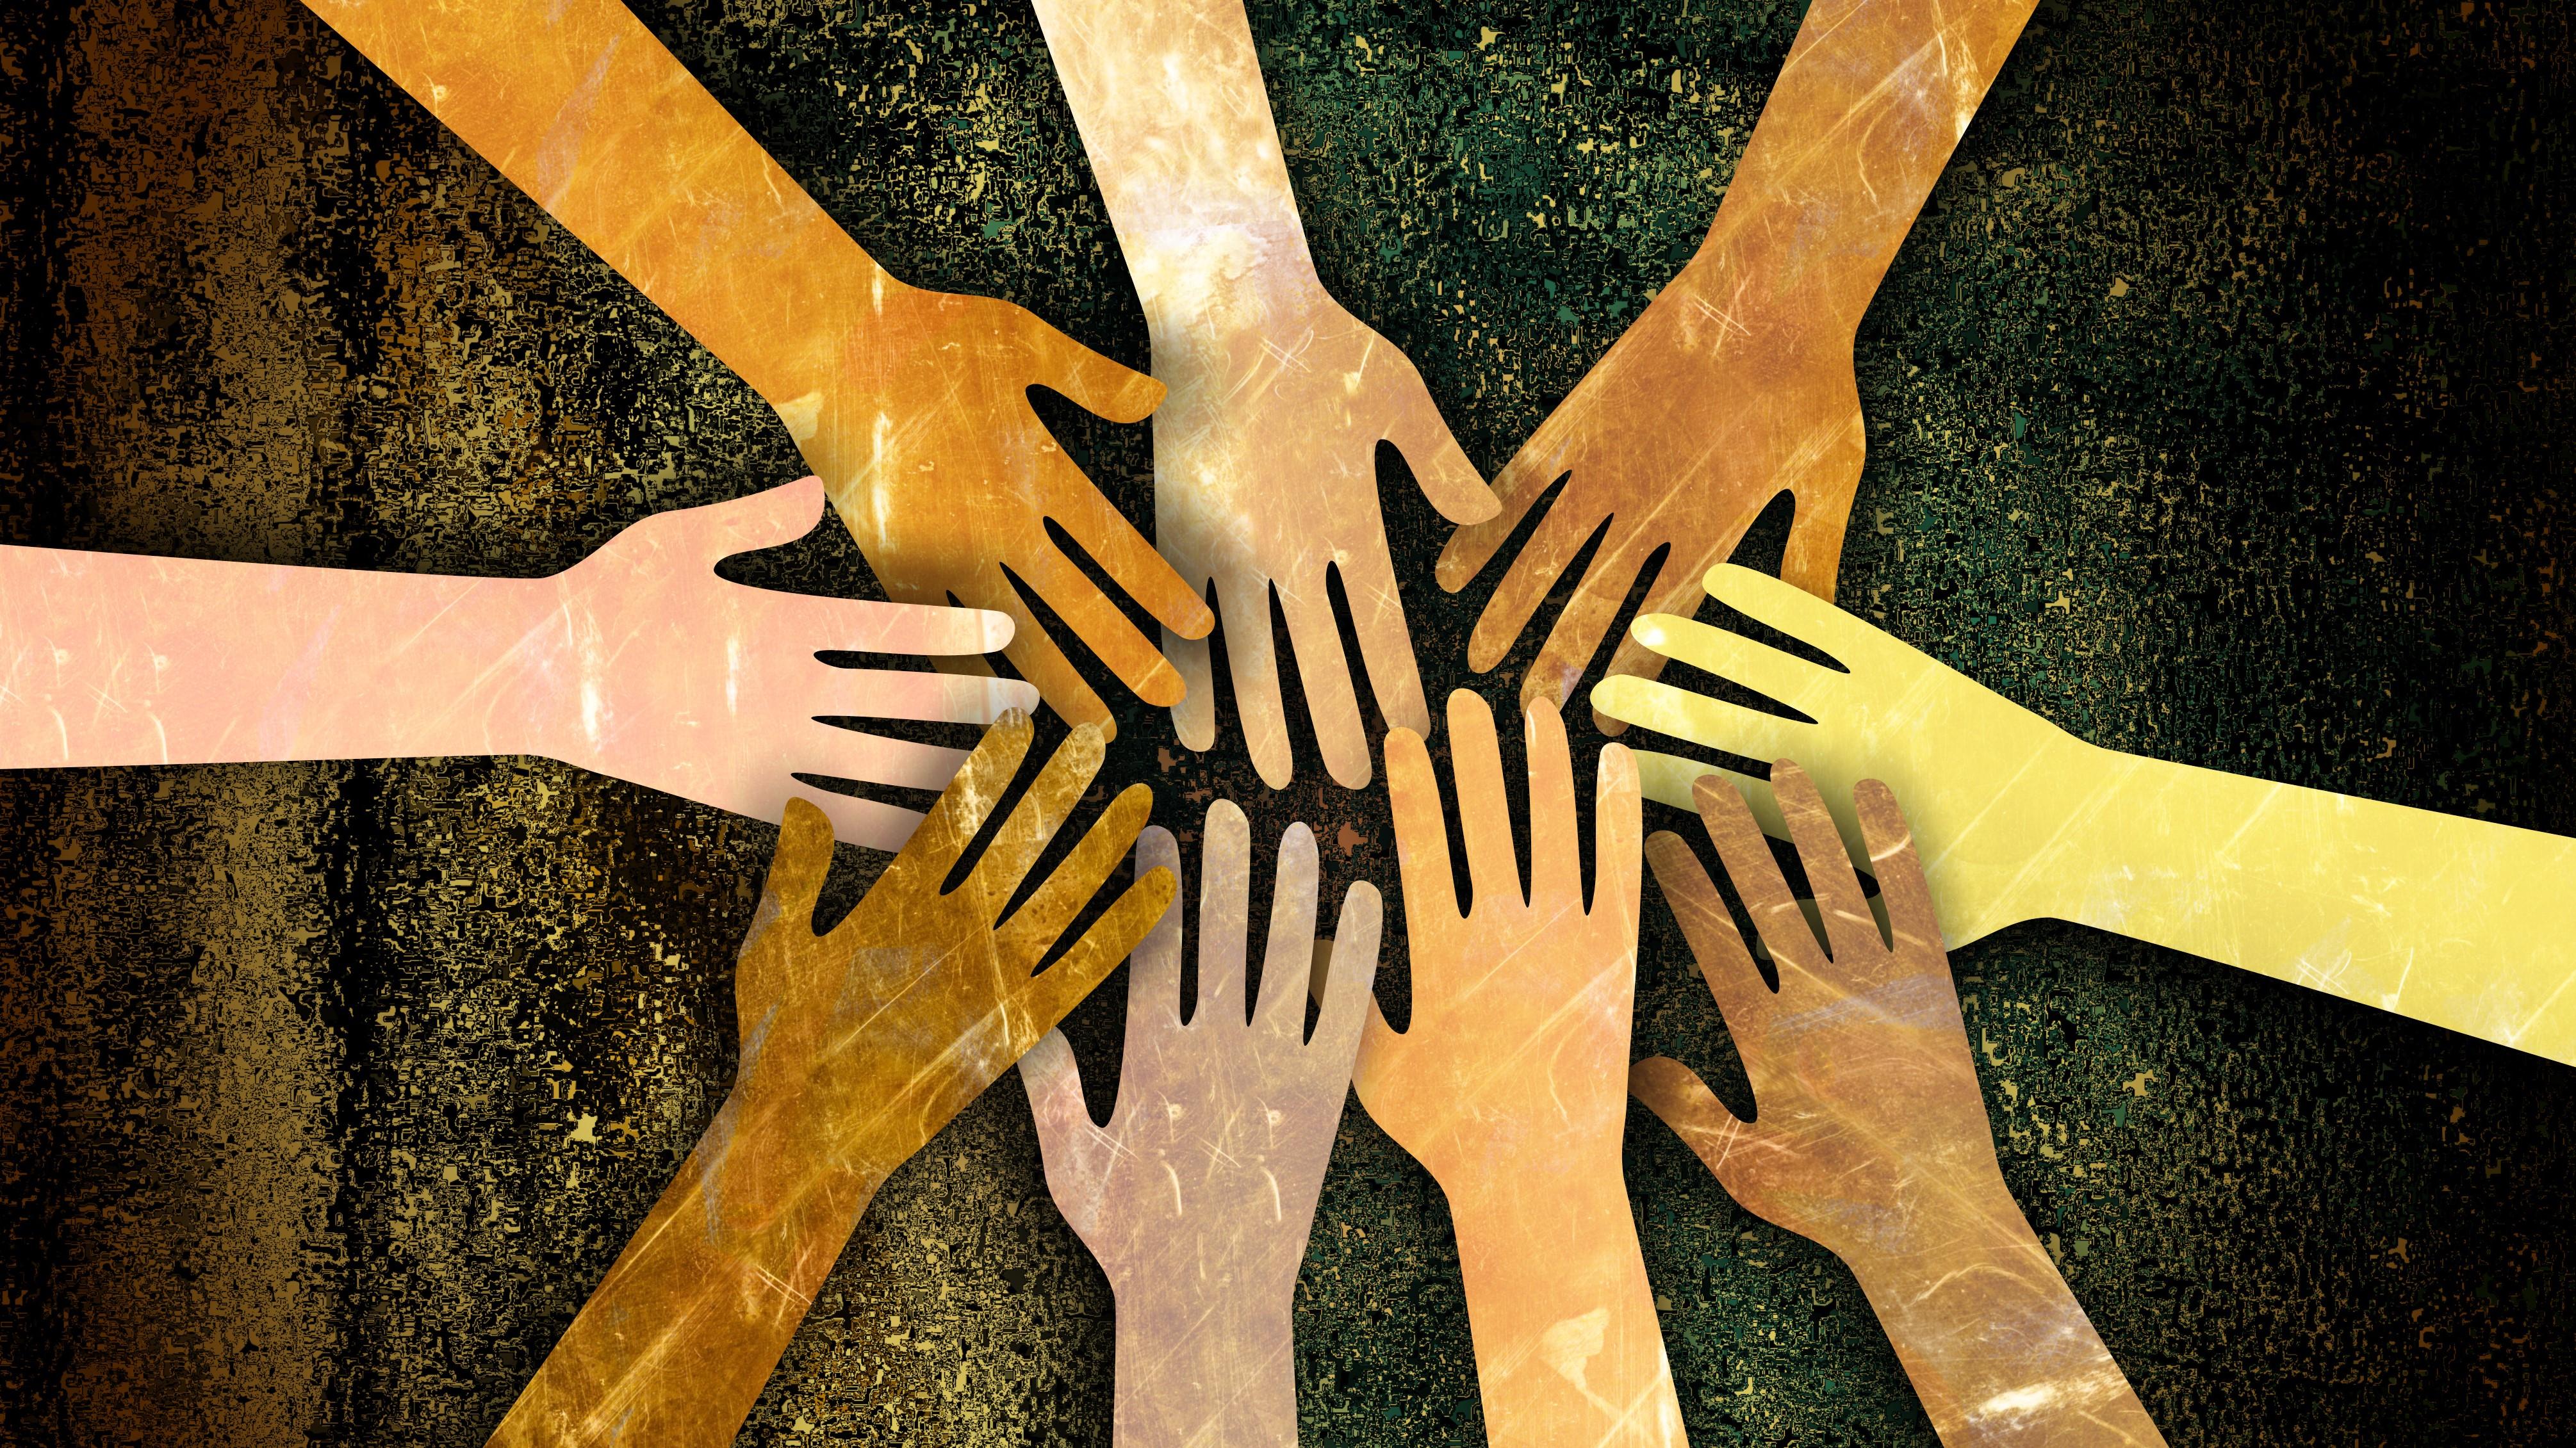 Integridade na fé envolve reunir diversas pessoas